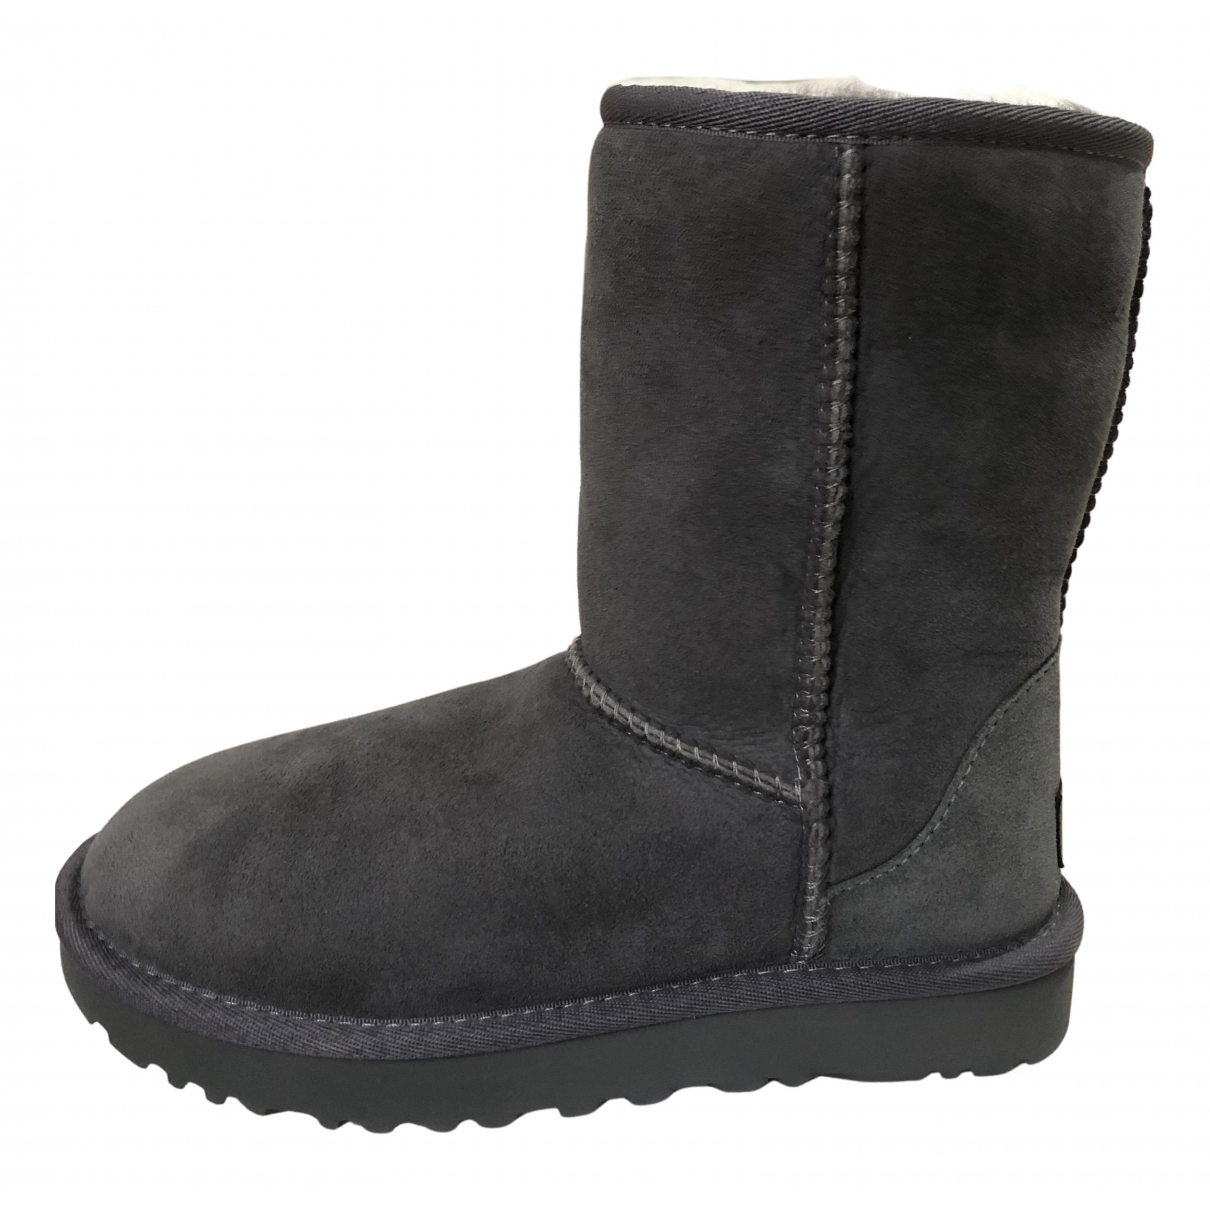 Ugg - Bottes   pour femme en mouton - gris